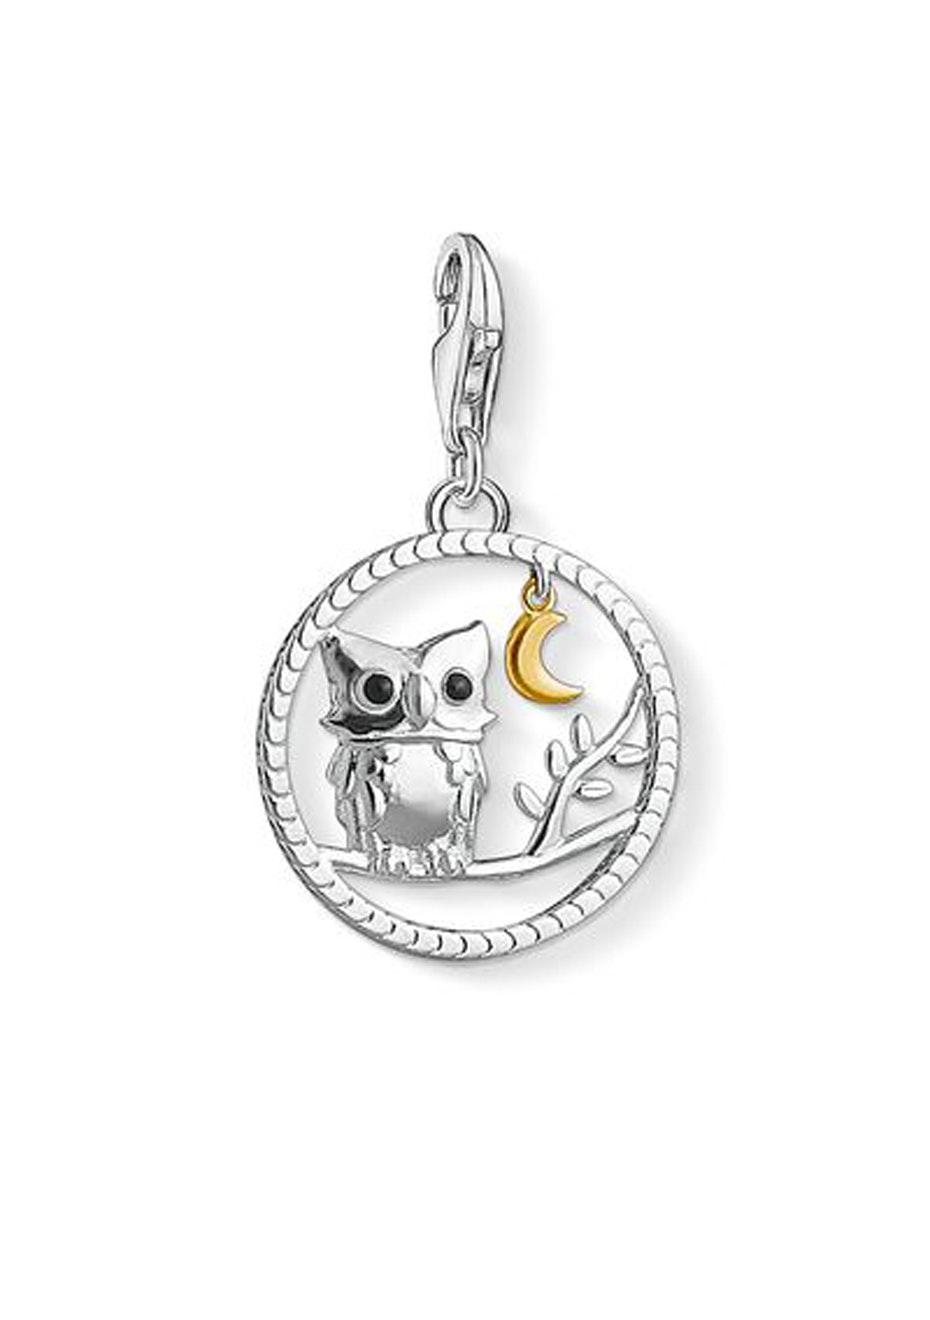 Thomas Sabo  - Charm Club - Night Owl